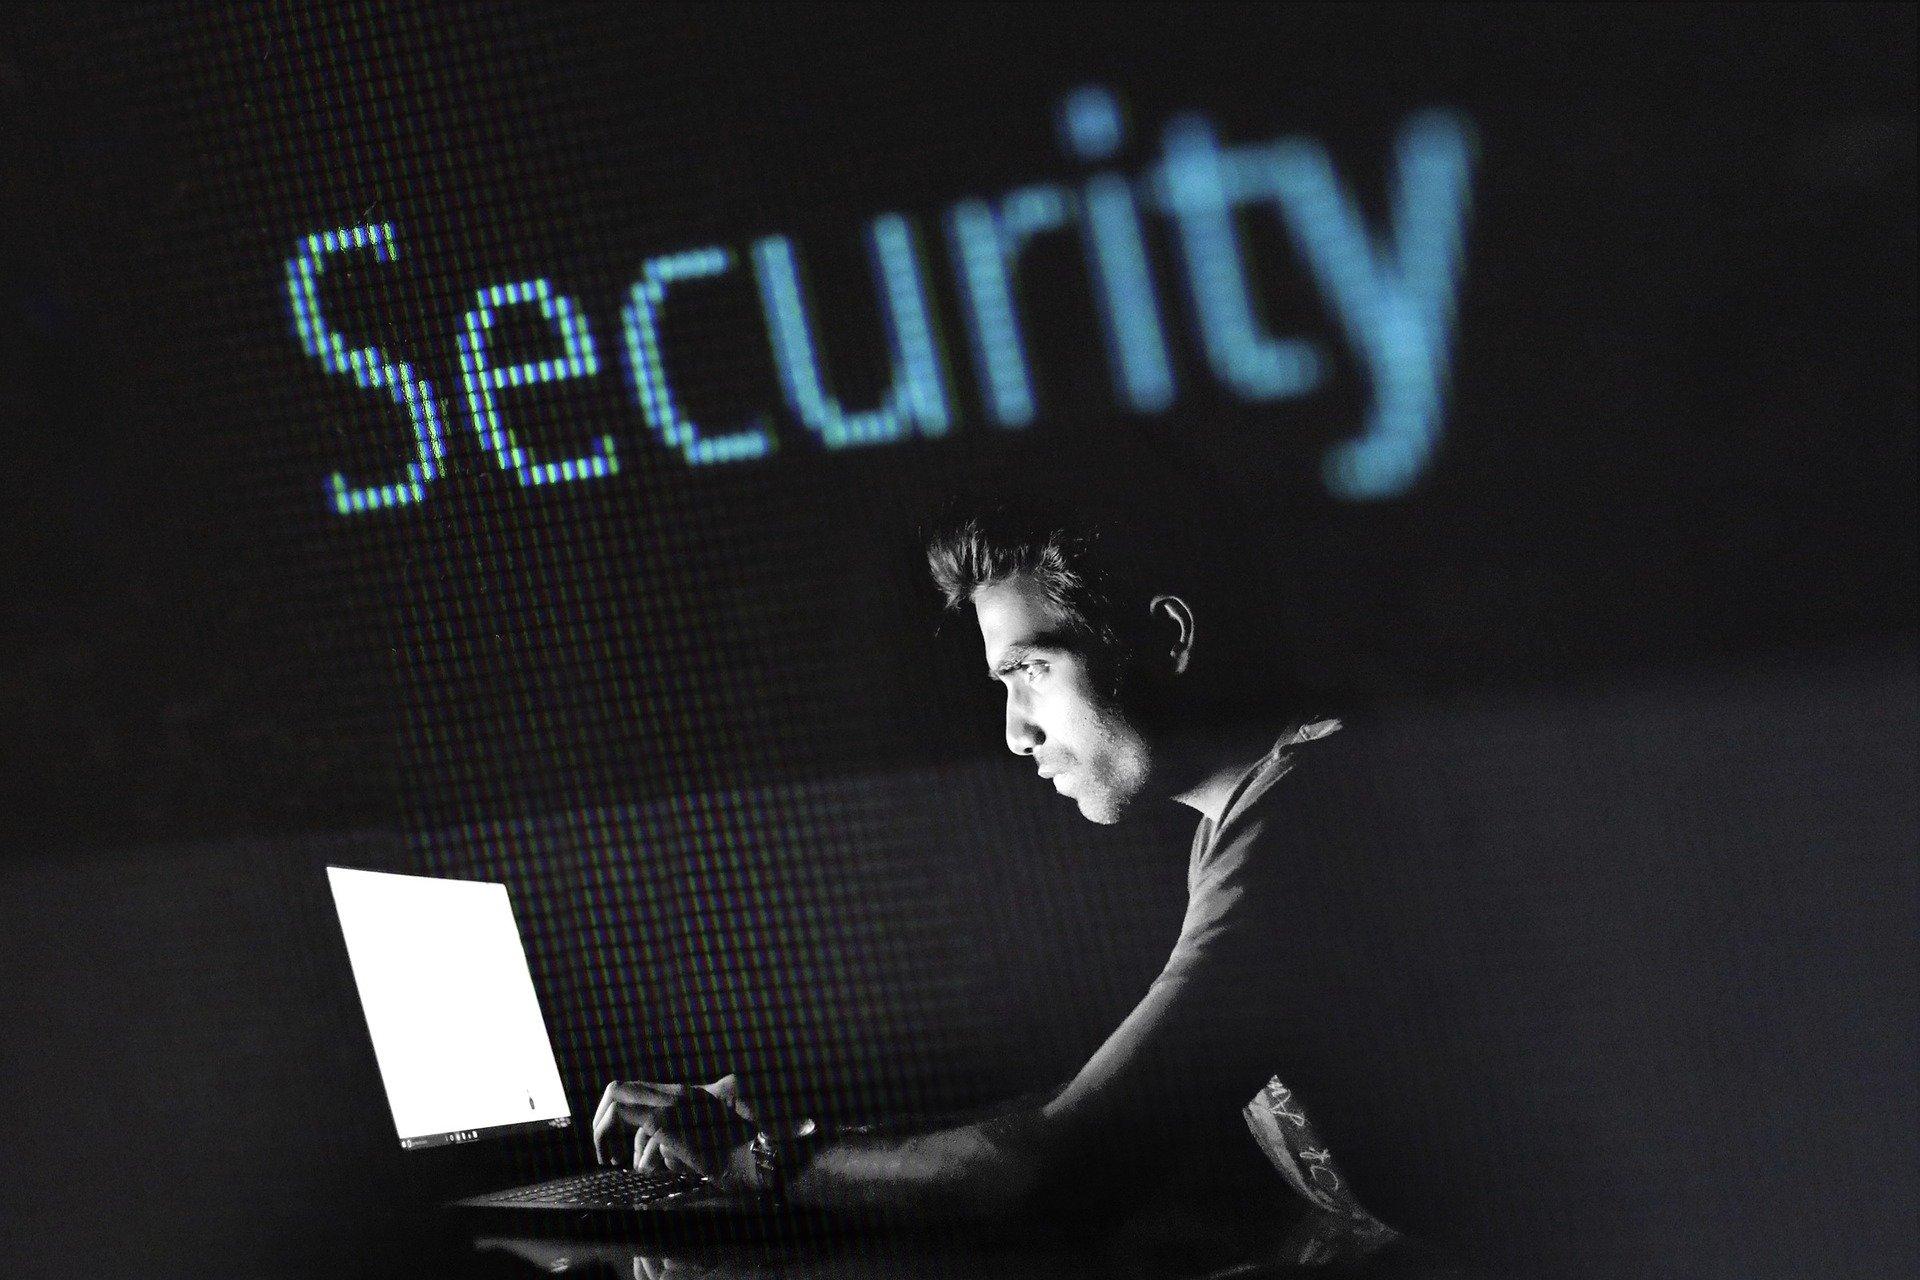 bezpieczeństwo przed komputerem